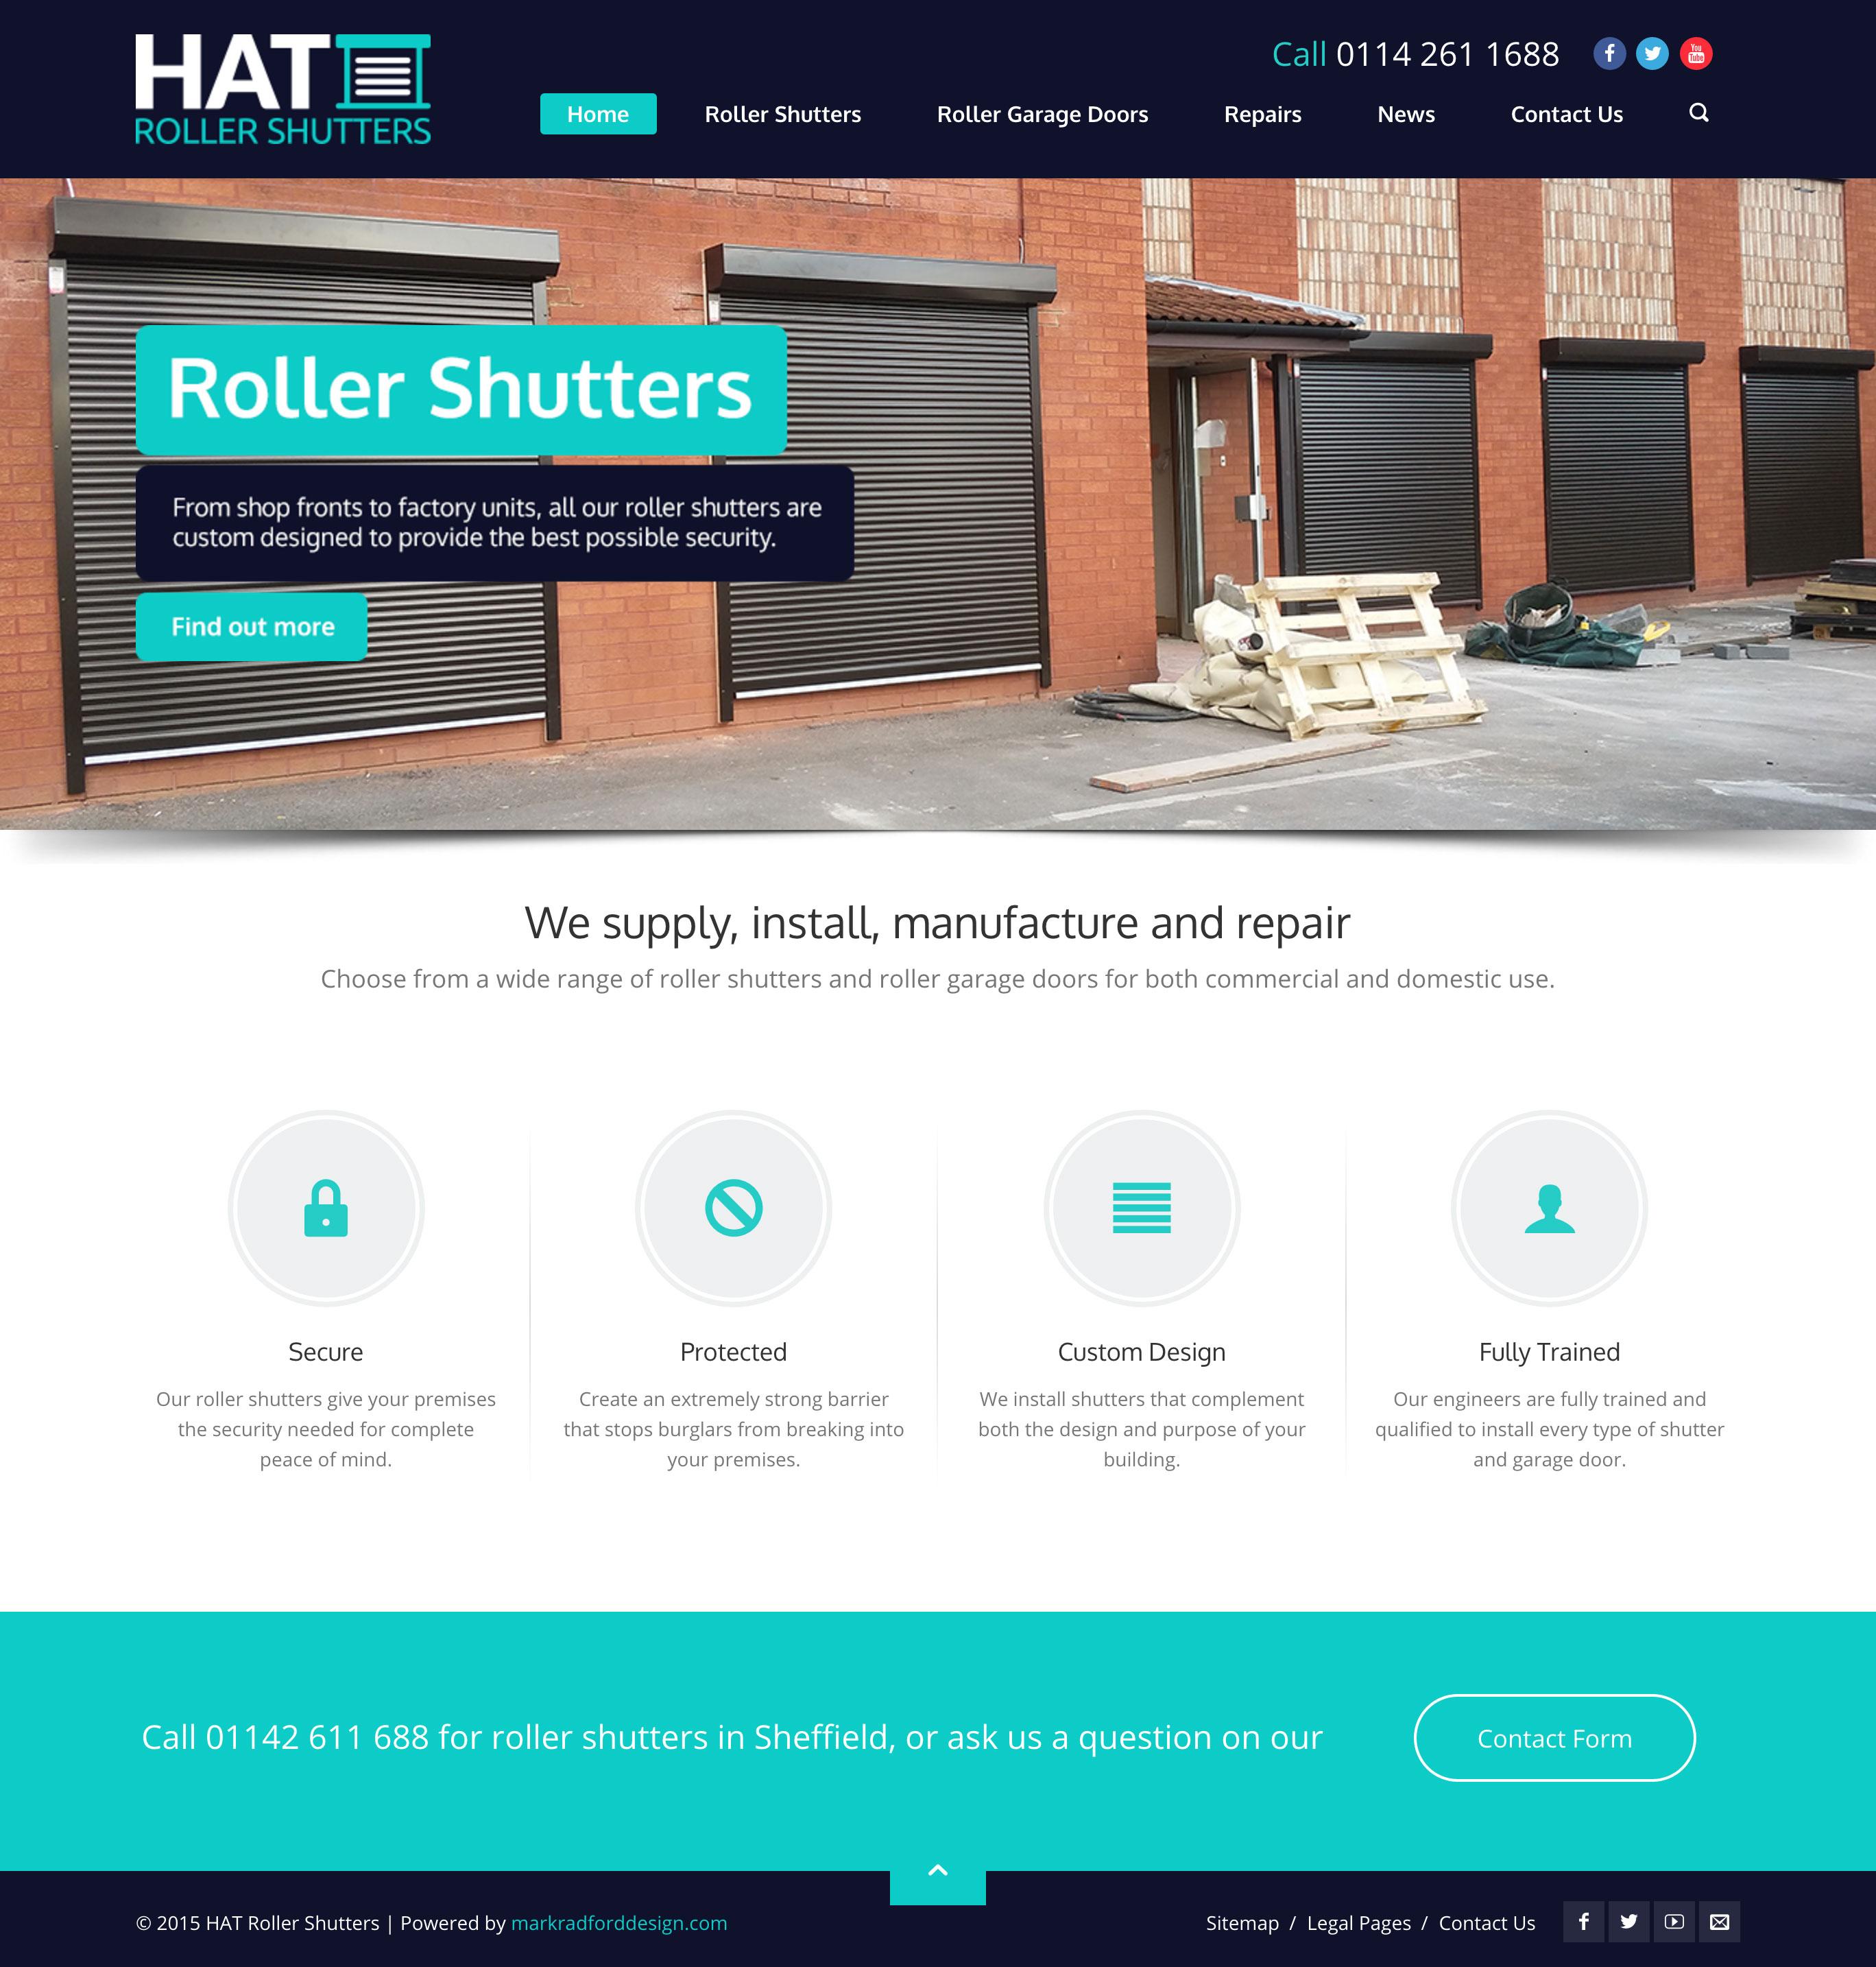 Hat-Roller-Shutters